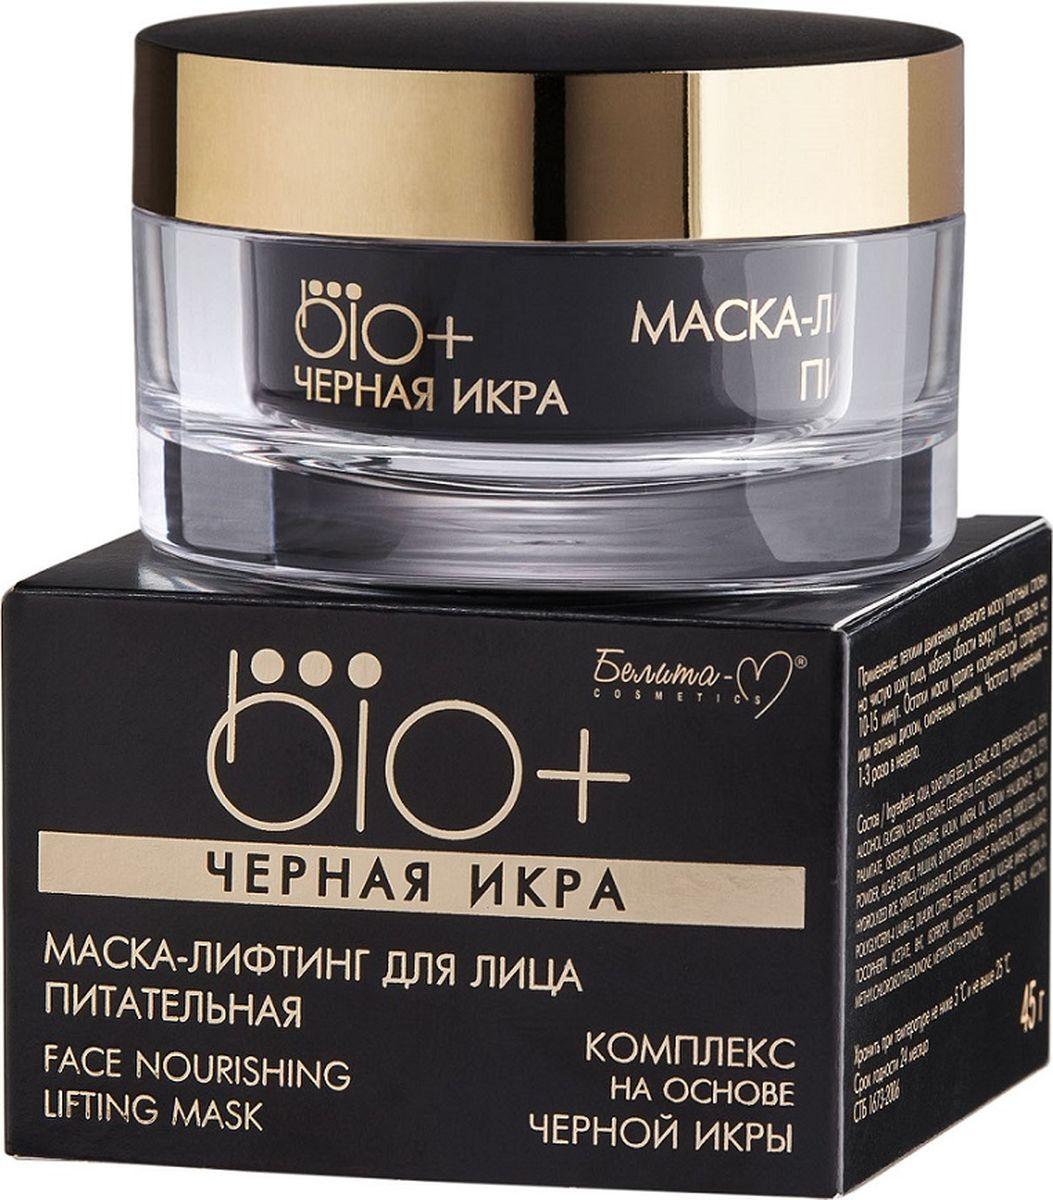 Белита-М Маска-лифтинг для лица питательная BIO+ Черная икра, 45 г альгинатные маски для лица белита